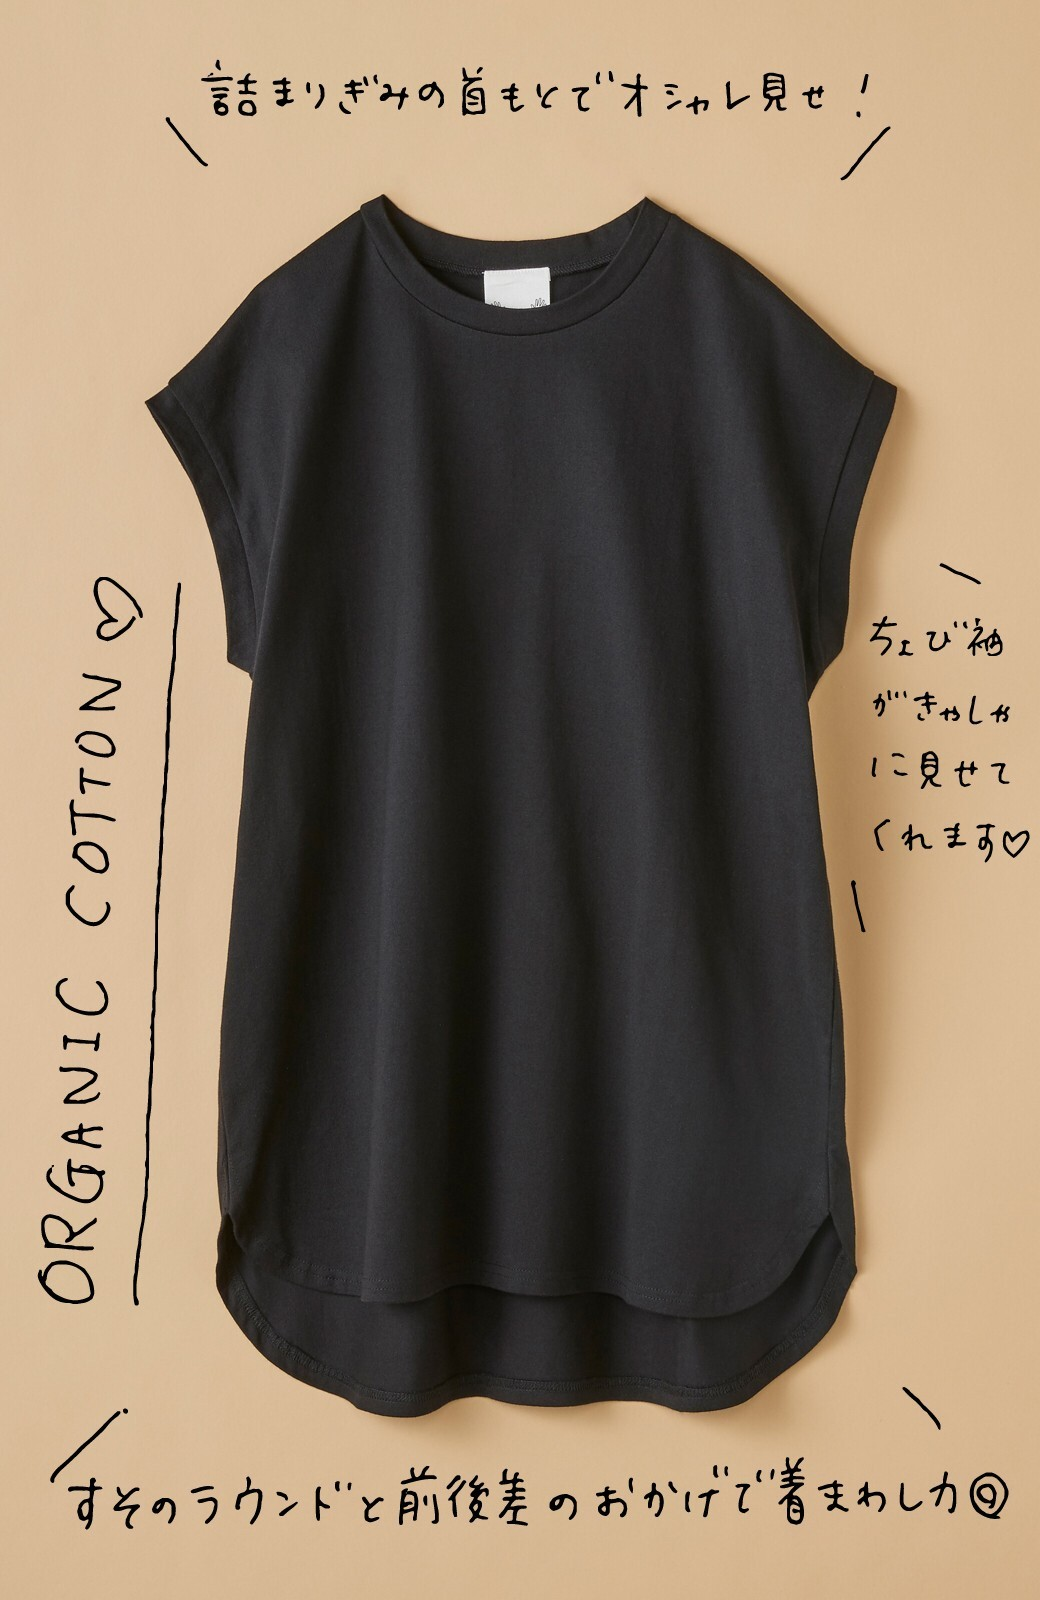 haco! 大人のTシャツこれならいける?!ちょい袖でかっこよく見せるTシャツ by que made me + PBP <ブラック>の商品写真2